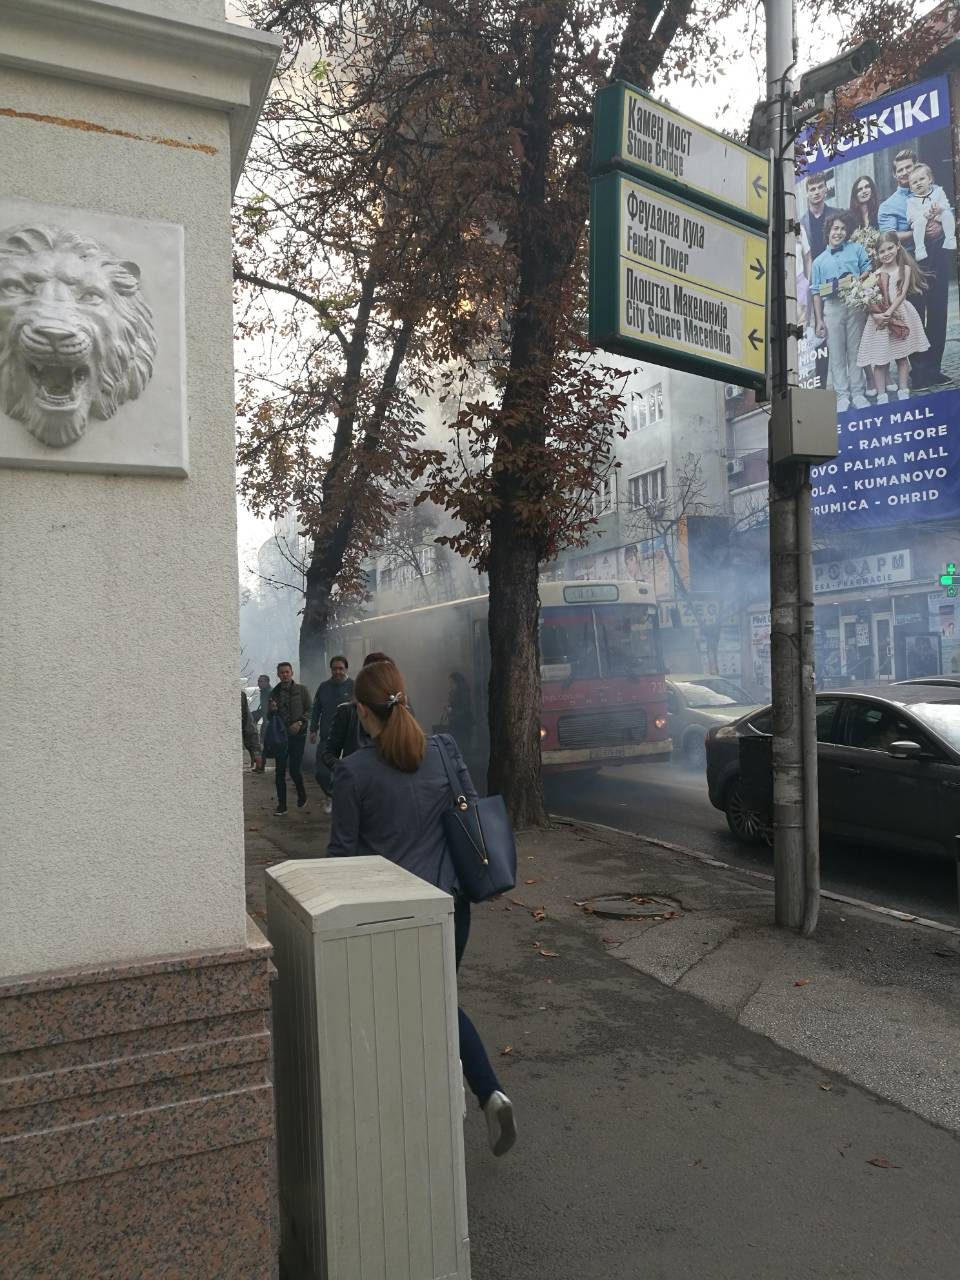 ФОТО: Се запали автобус во центарот на Скопје, од ЈСП велат дека станува збор за дефект, сликата на терен поинаква